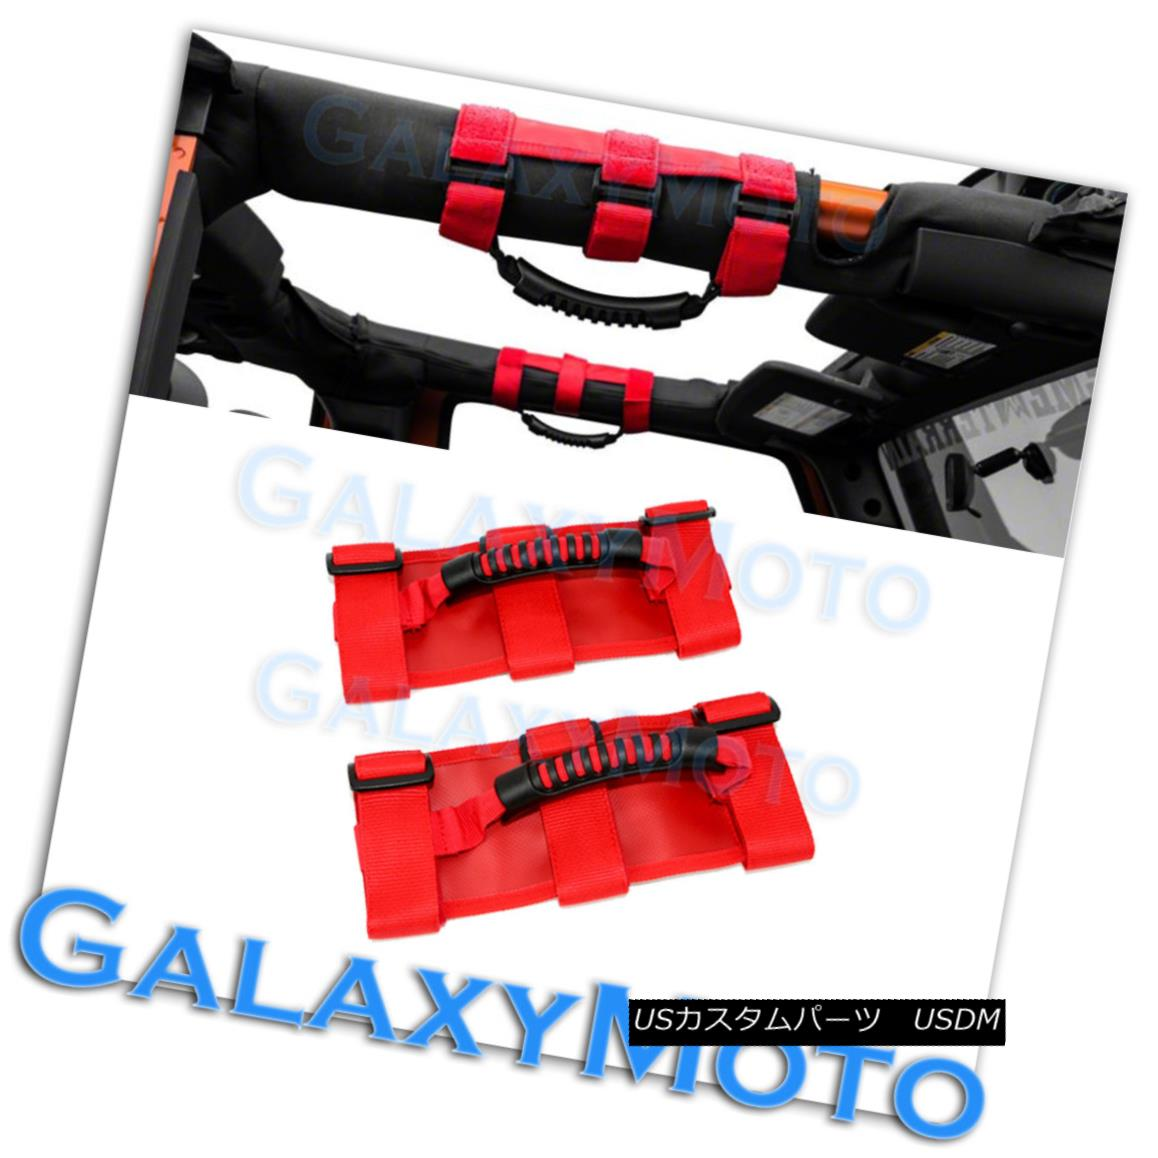 グリル Extreme Sport RED Black Rear Side Bar Grab Handle for 87-16 Jeep Wrangler JK TJ エクストリームスポーツレッドブラックリアサイドバーグラブハンドル87-16ジープラングラーJK TJ